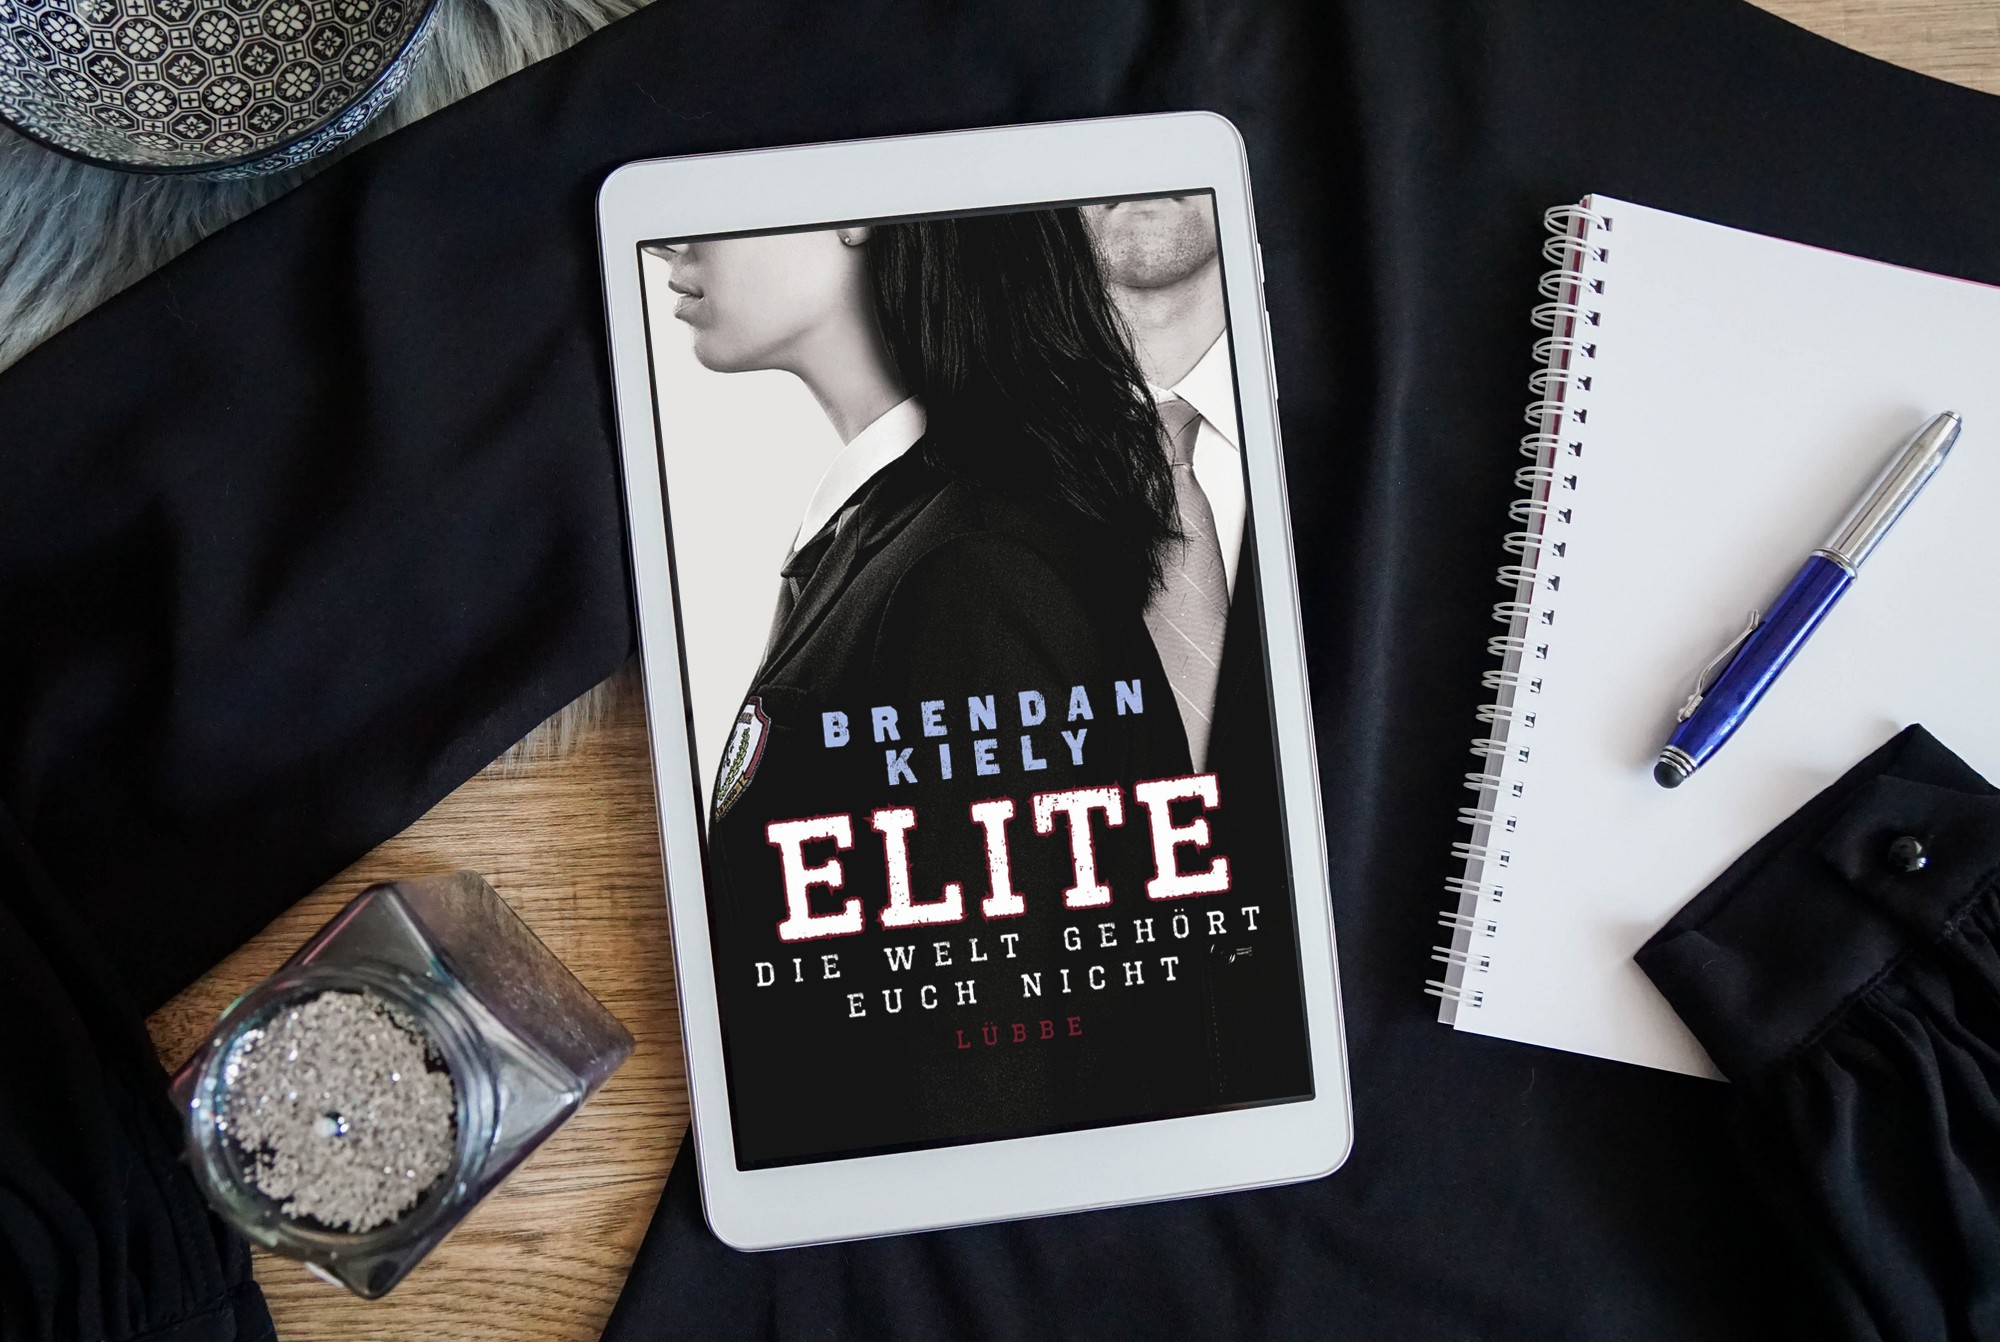 Elite: Die Welt gehört euch nicht – Brendan Kiely graphic